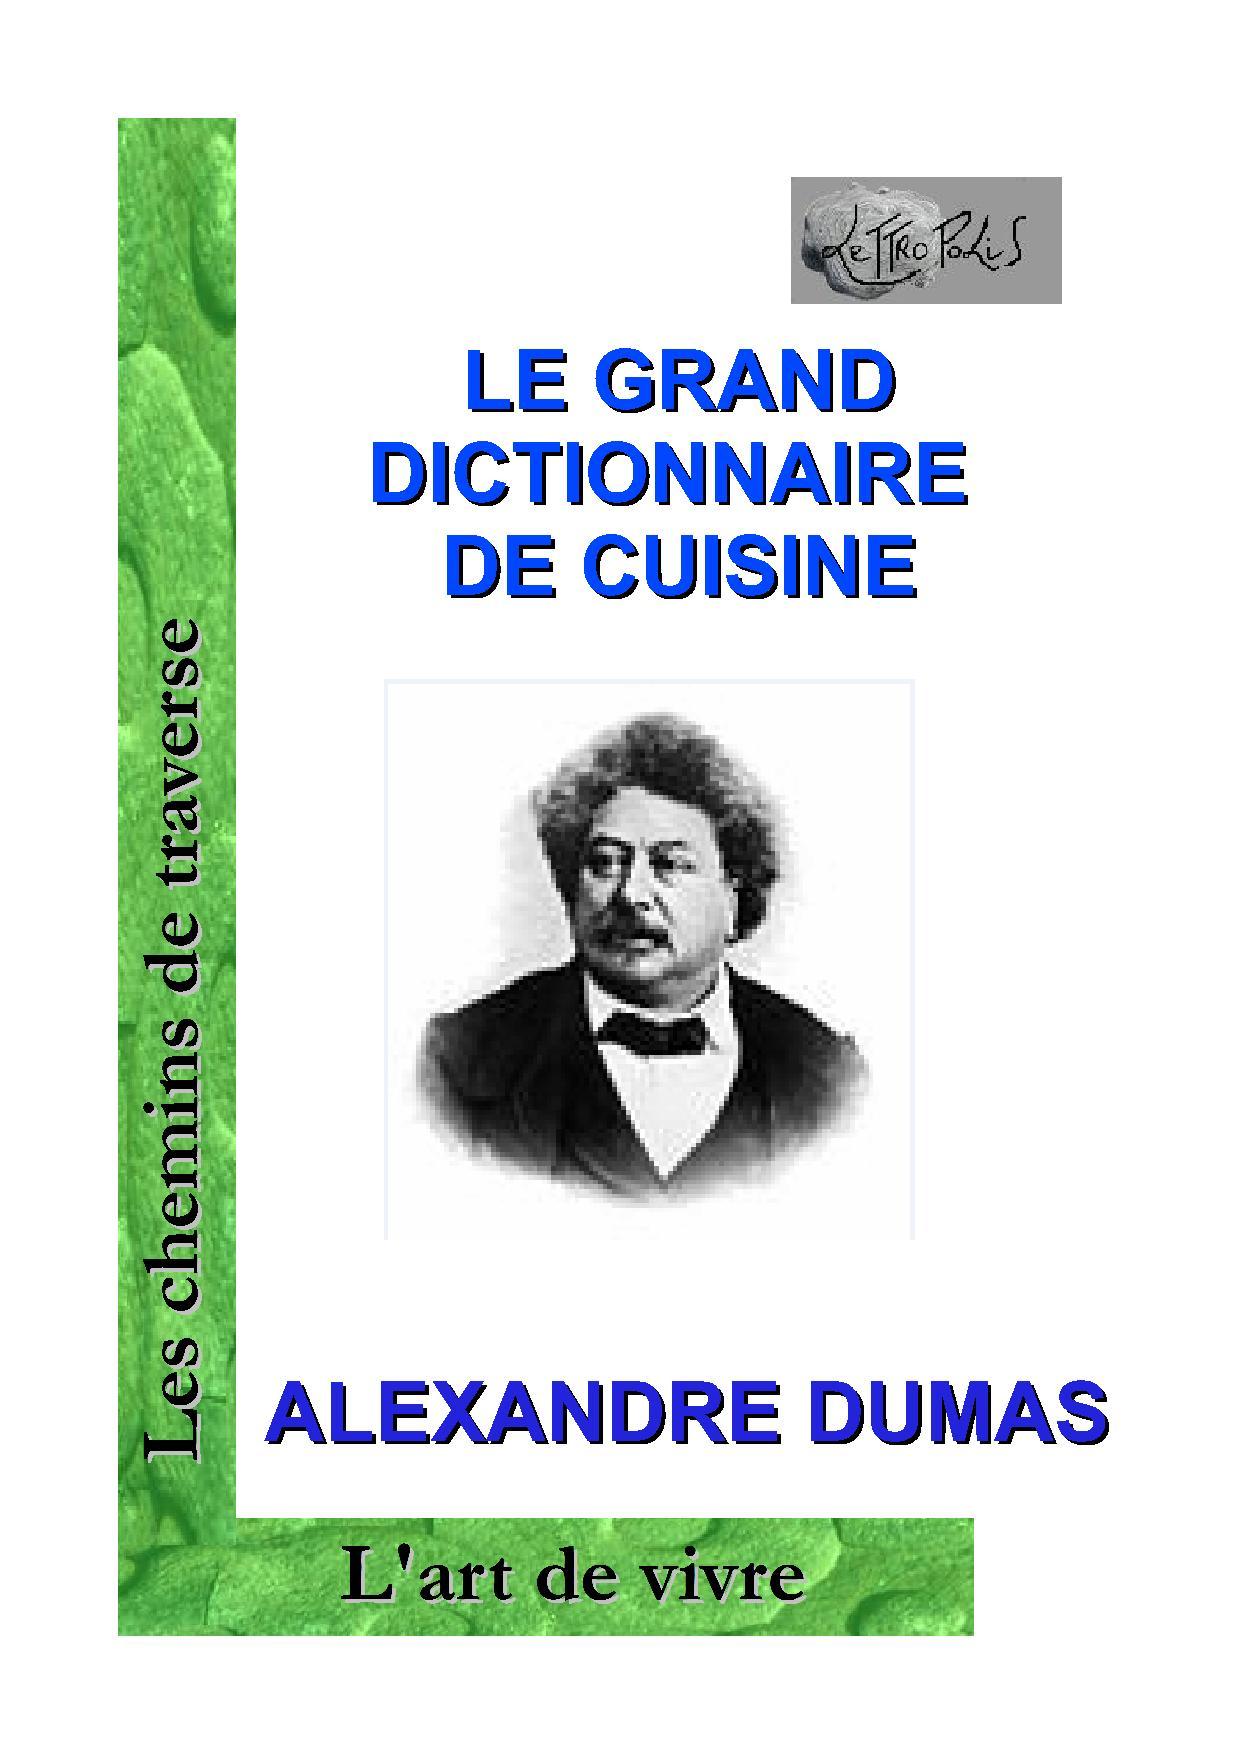 Le grand dictionnaire de cuisine d 39 alexandre dumas - Dictionnaire de cuisine alexandre dumas ...